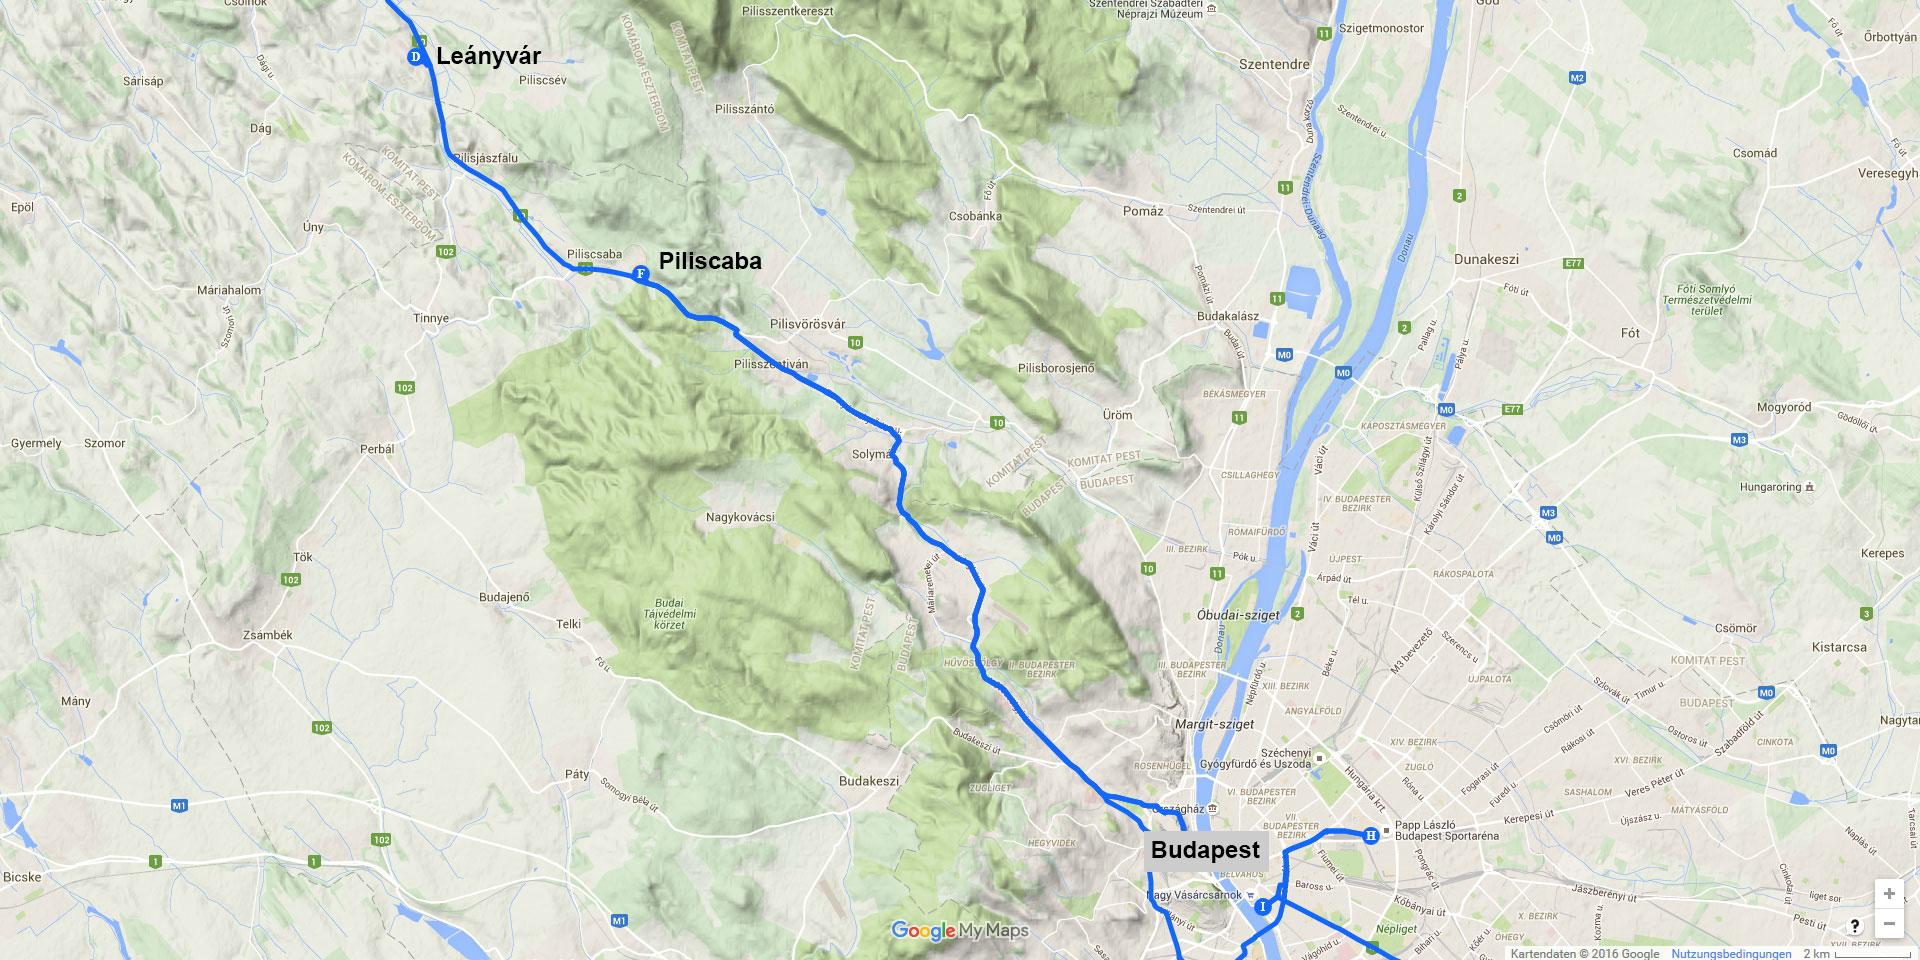 Die Tagesstrecke von Leányvár nach Budapest (41 km)